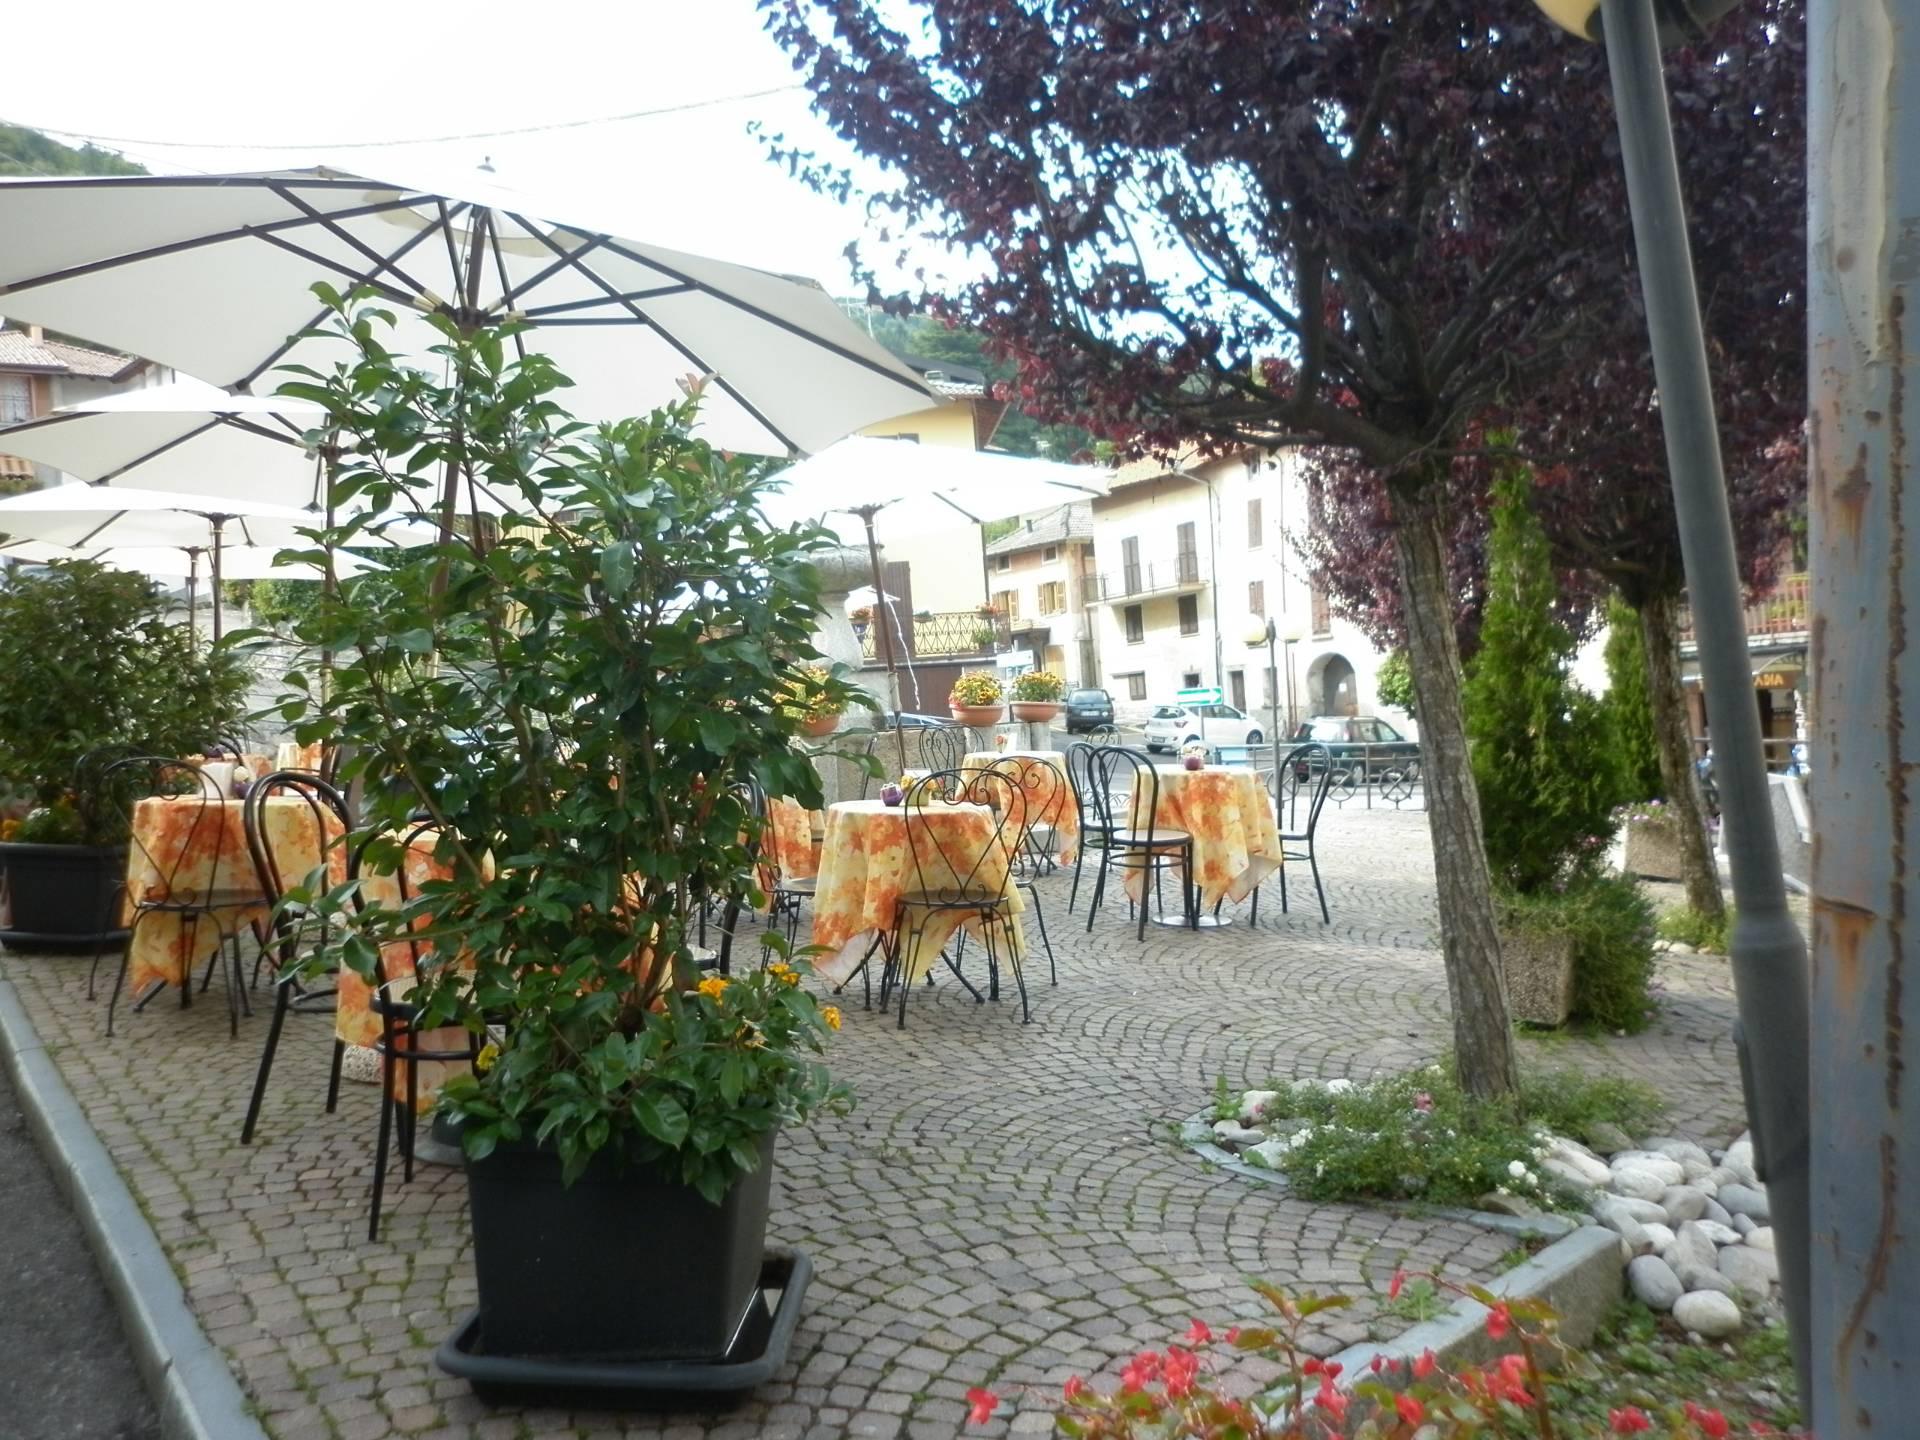 Negozio / Locale in affitto a Lanzo d'Intelvi, 9999 locali, prezzo € 500 | PortaleAgenzieImmobiliari.it